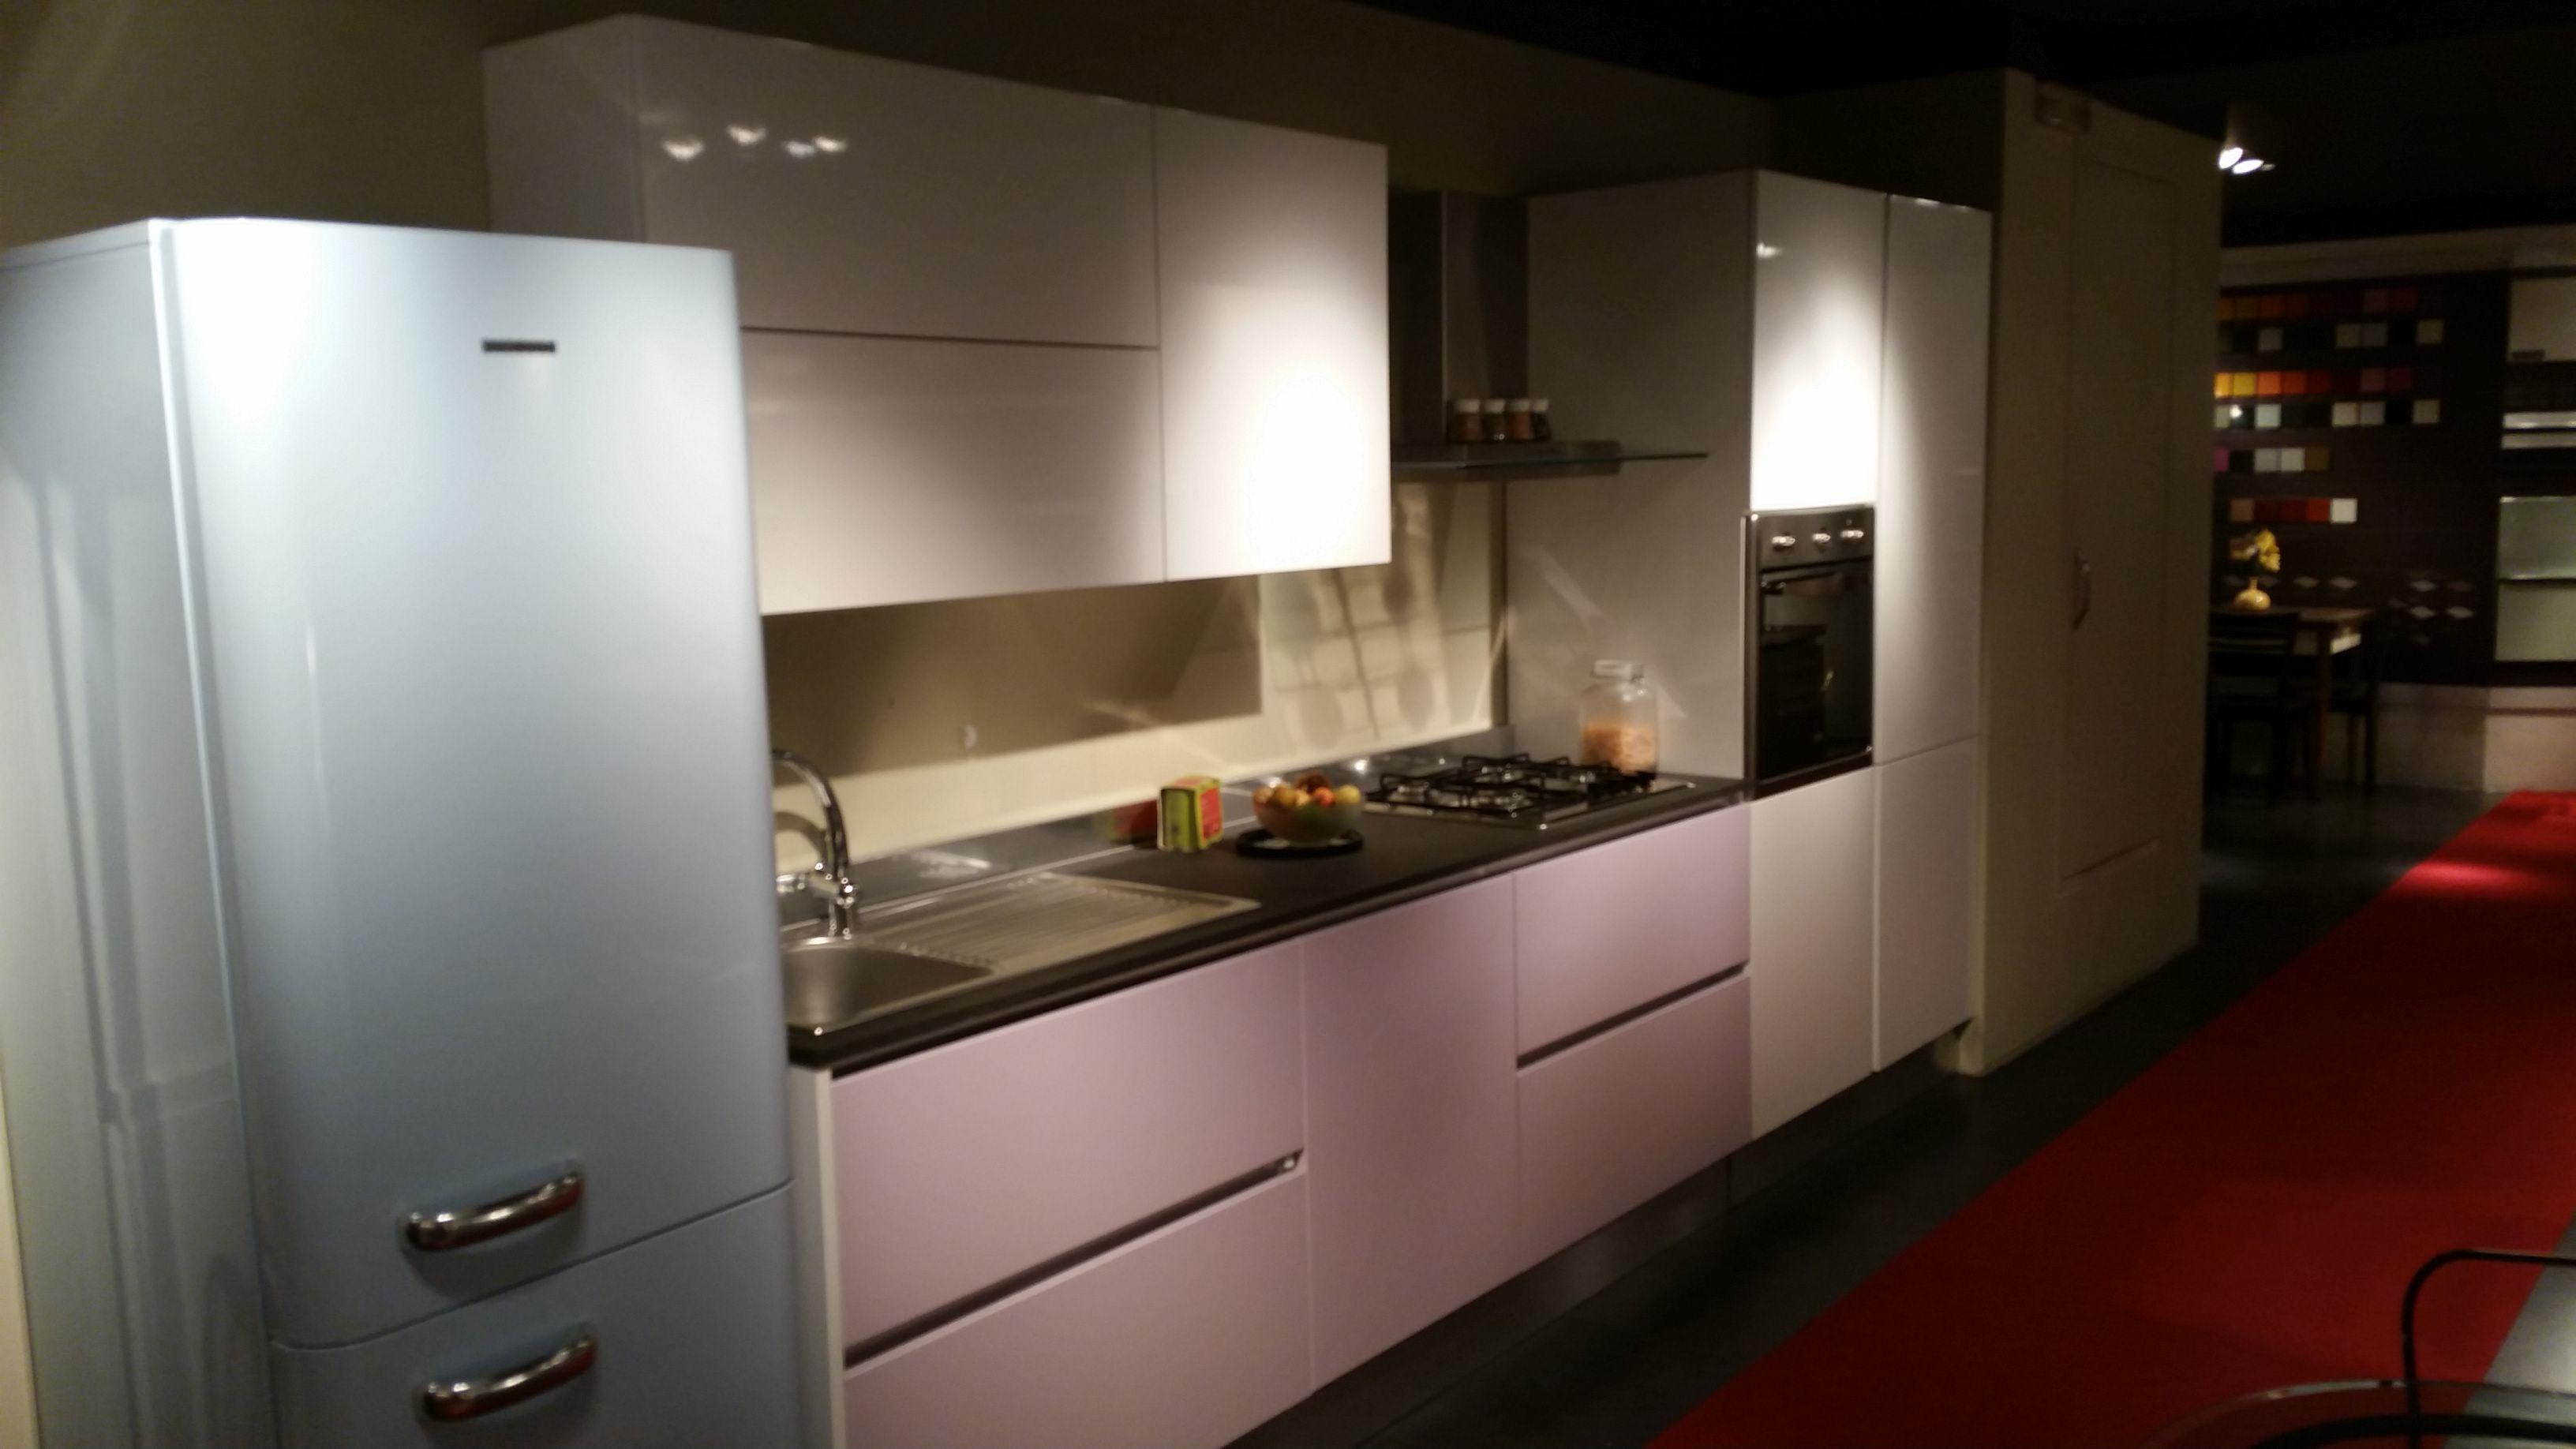 Colore cucine cucina modello elinor di cucine moderne - Colori di cucine moderne ...